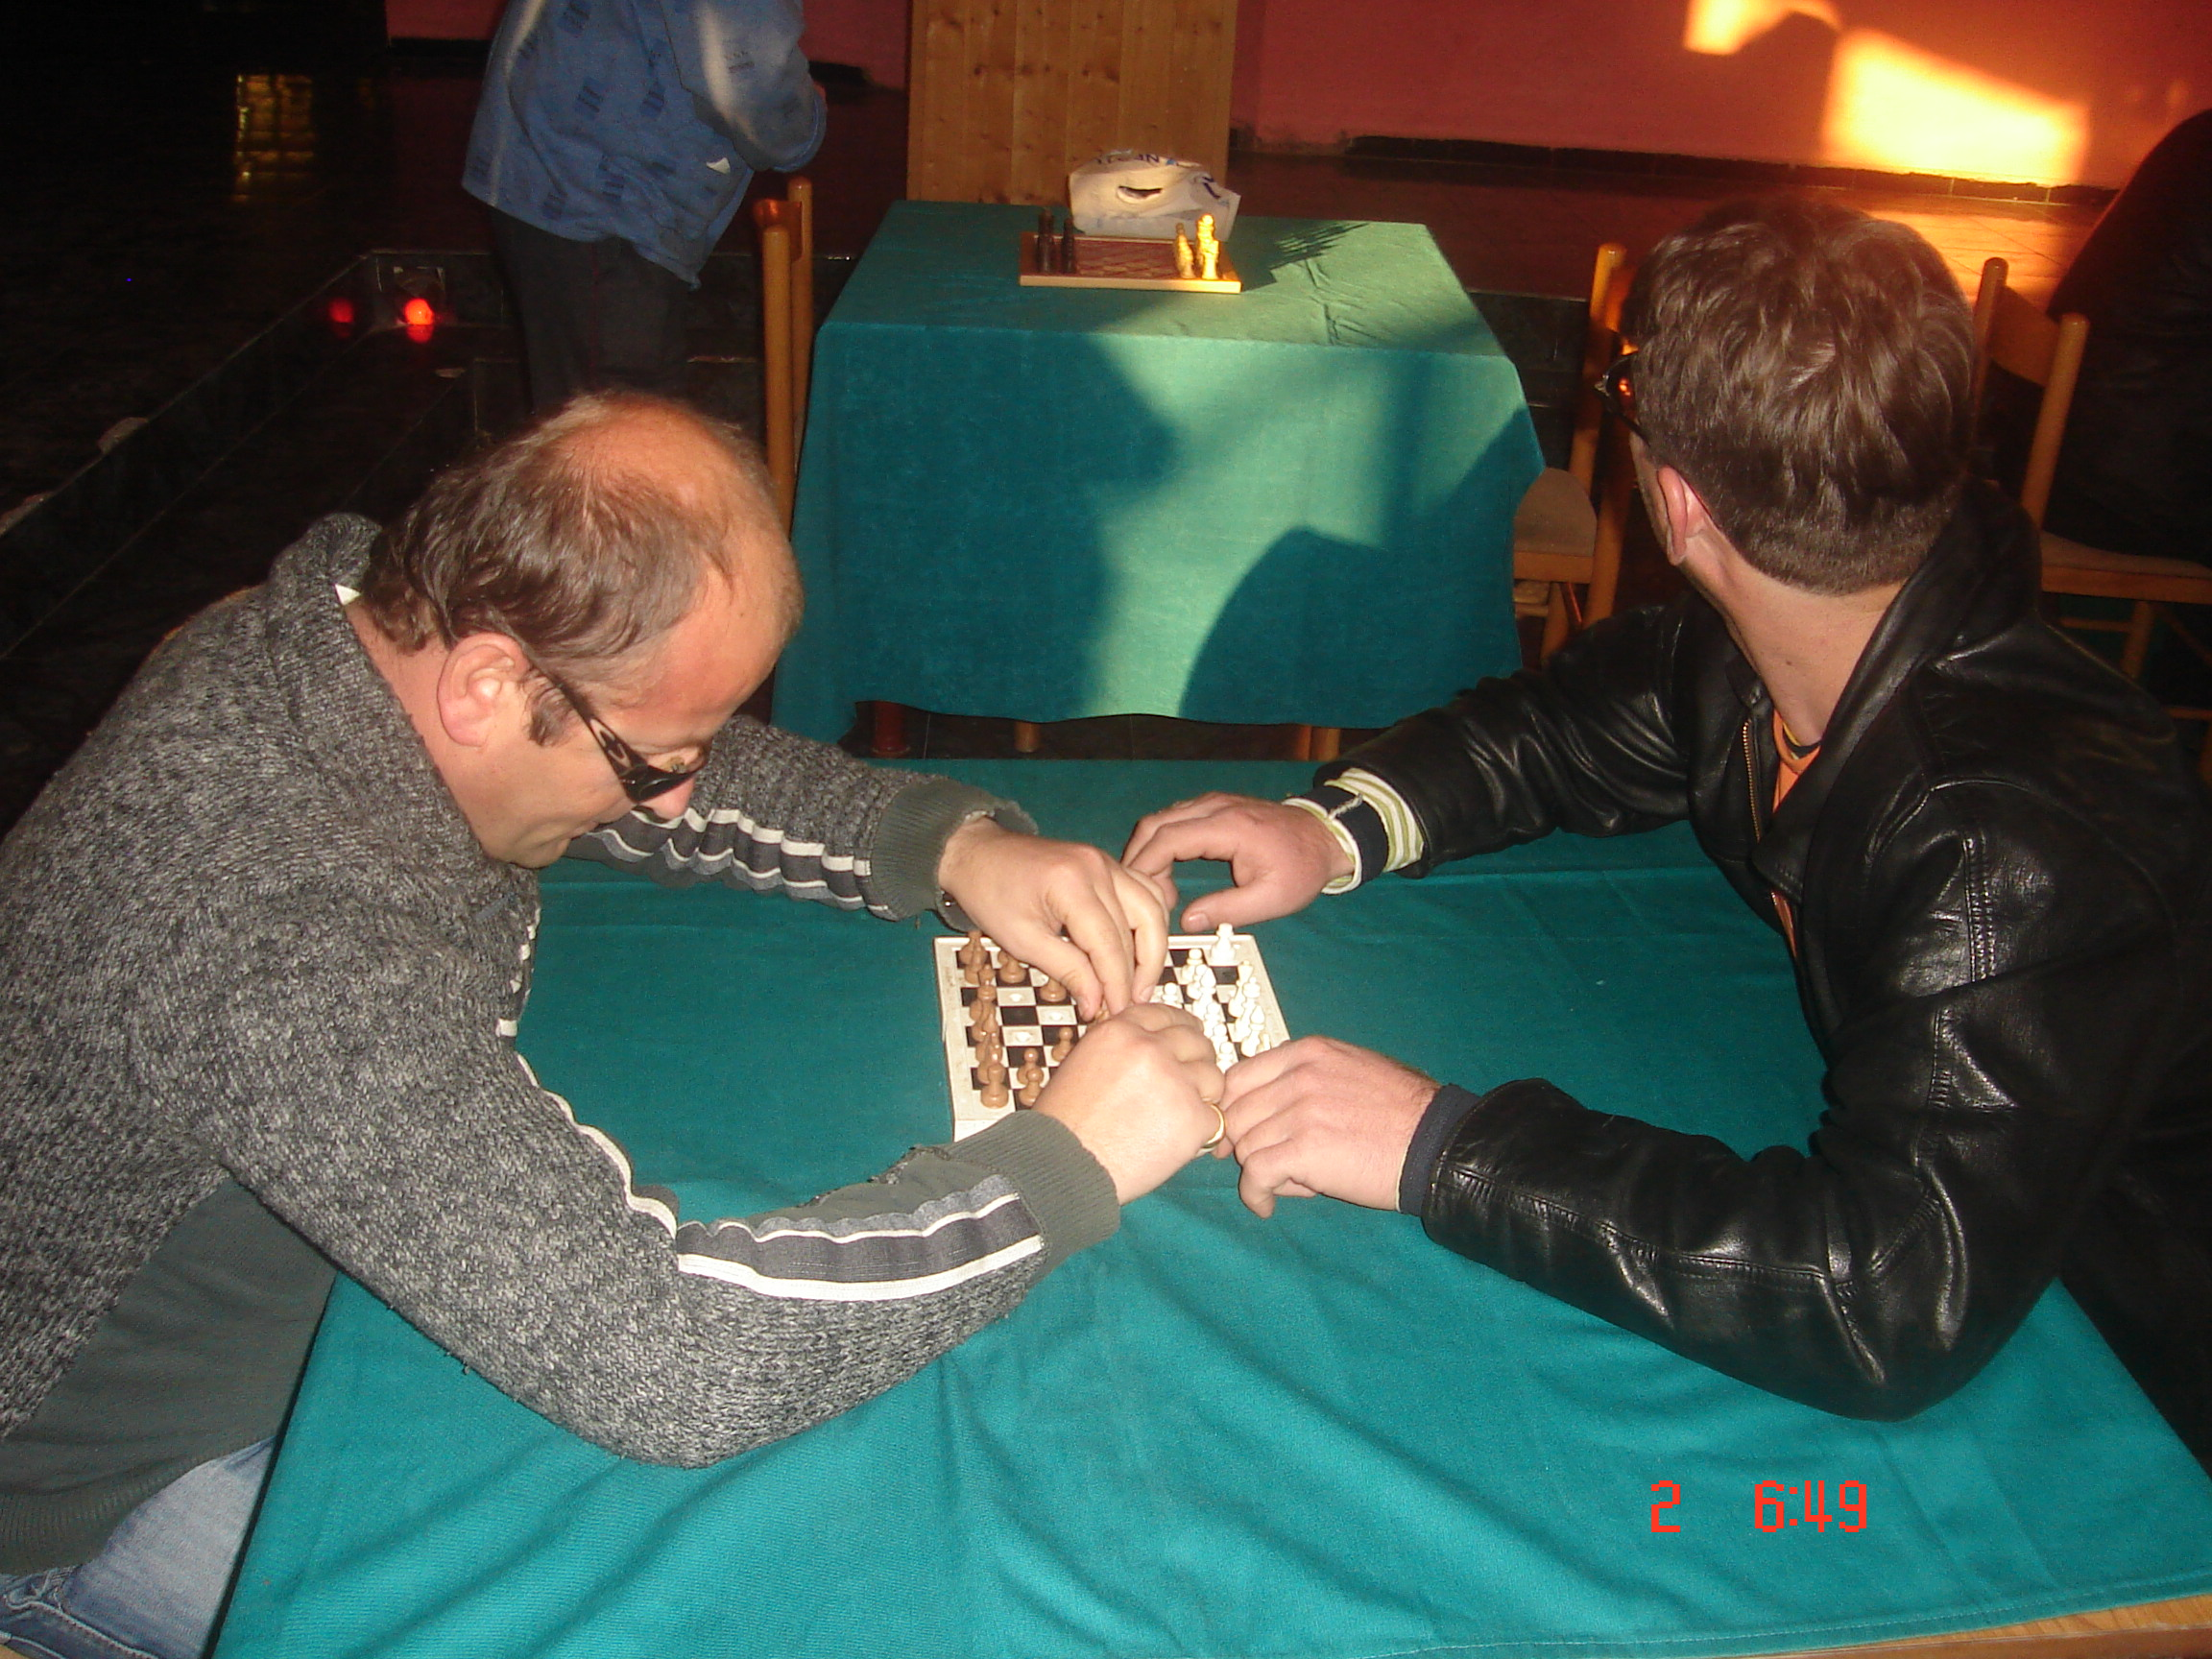 Kampionati i 8-te i shahut per te verber foto 2